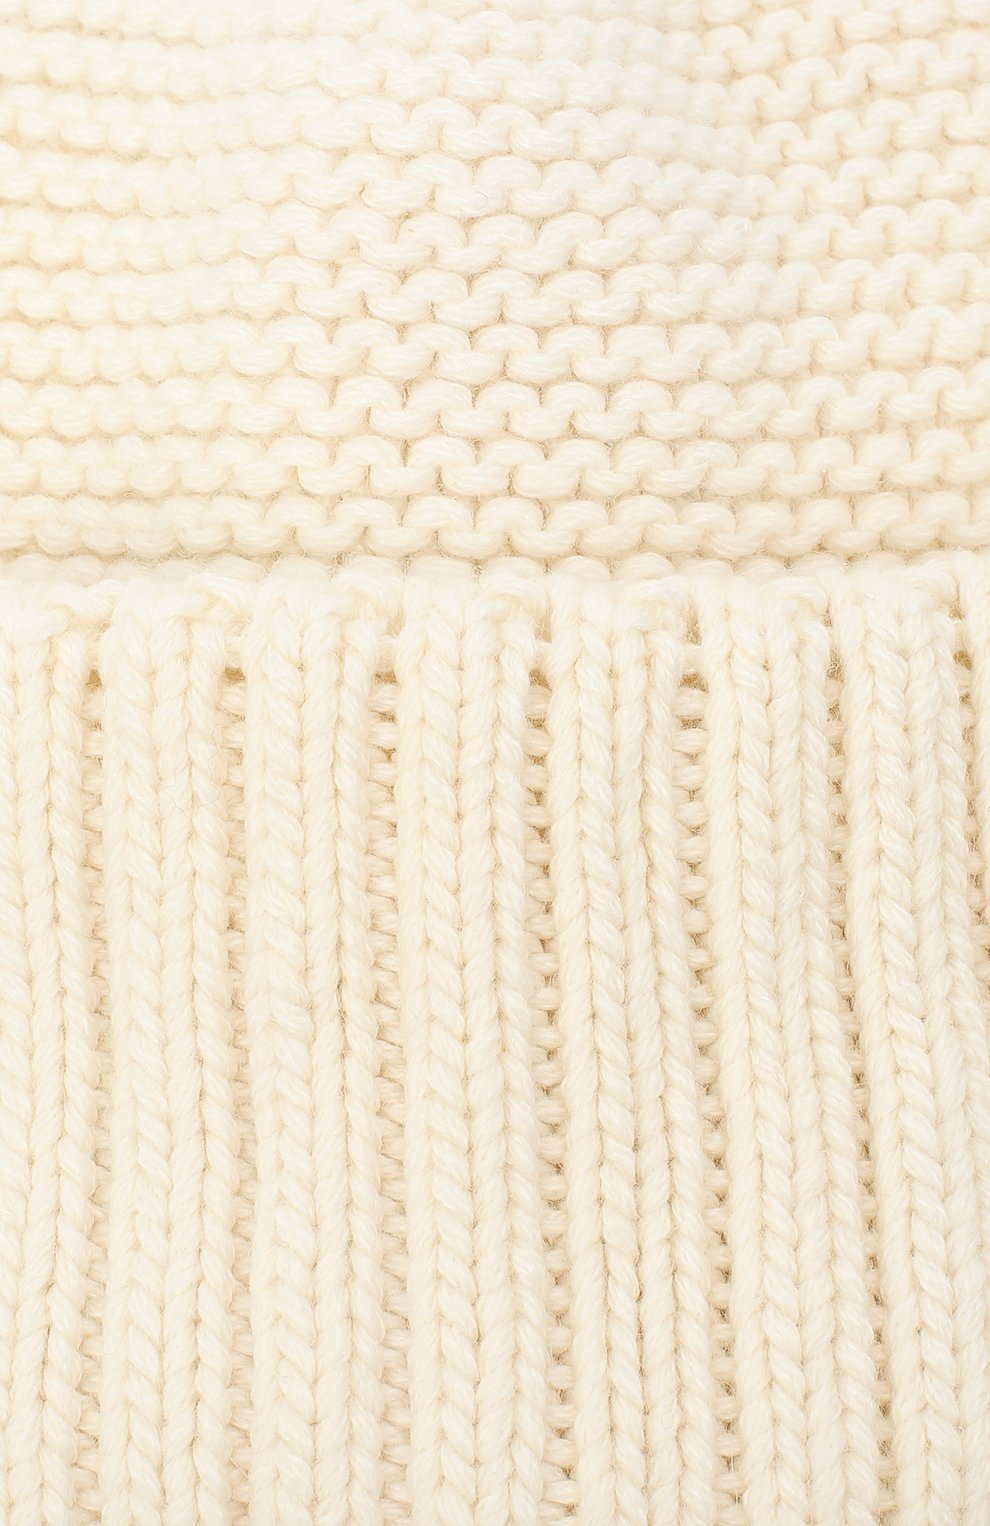 Женская шапка BILANCIONI белого цвета, арт. 4901CM   Фото 3 (Материал: Текстиль, Шерсть, Вискоза)